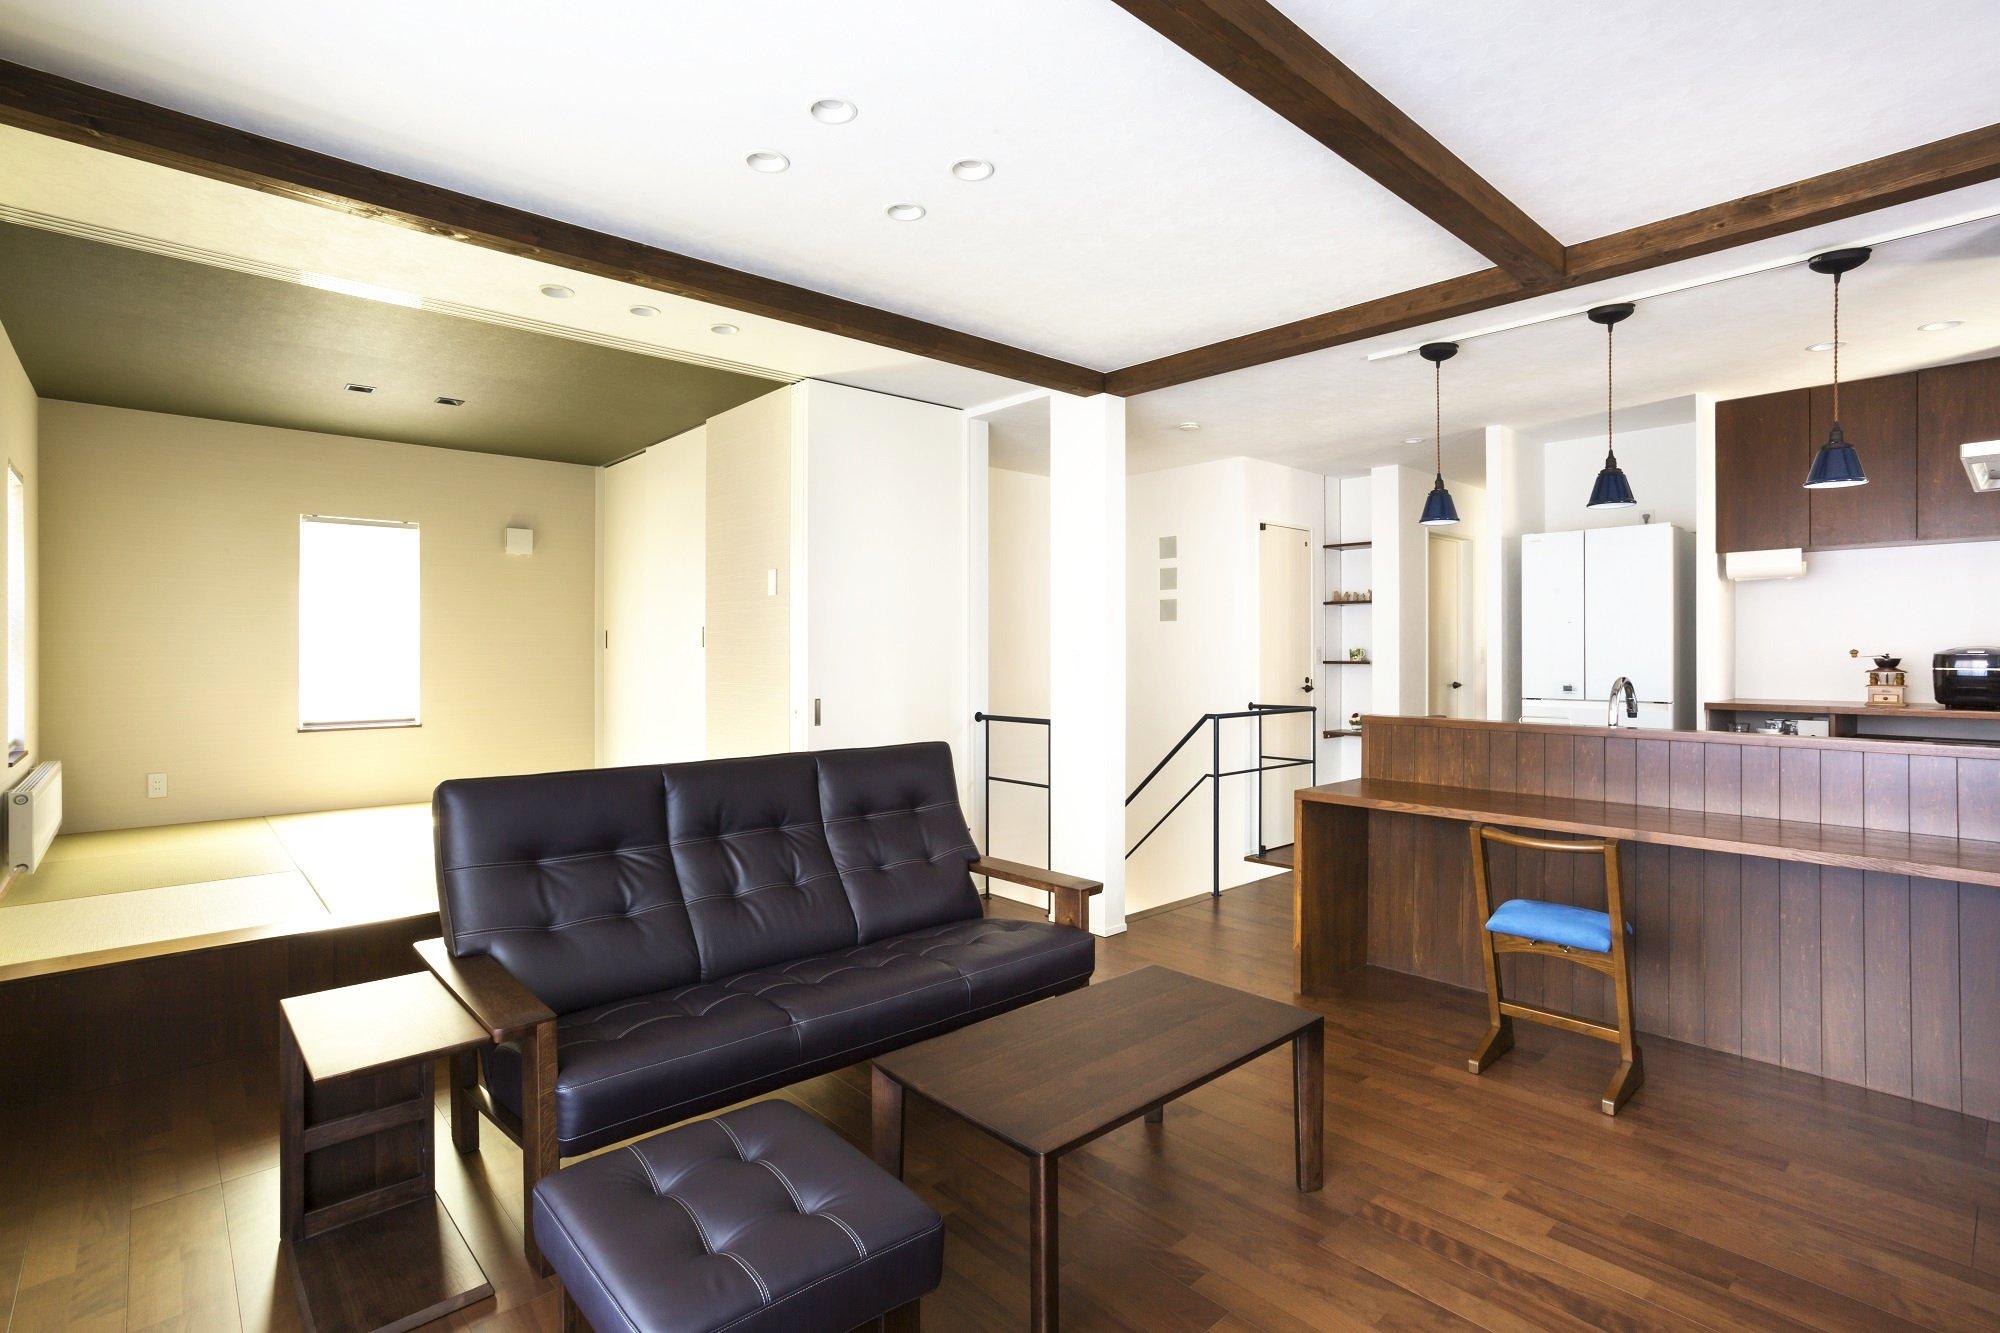 築年数のたった既存物件を思いきって改修することで、自分らしい個性あるライフスタイルの実現が近づく中古住宅のリノベーション。